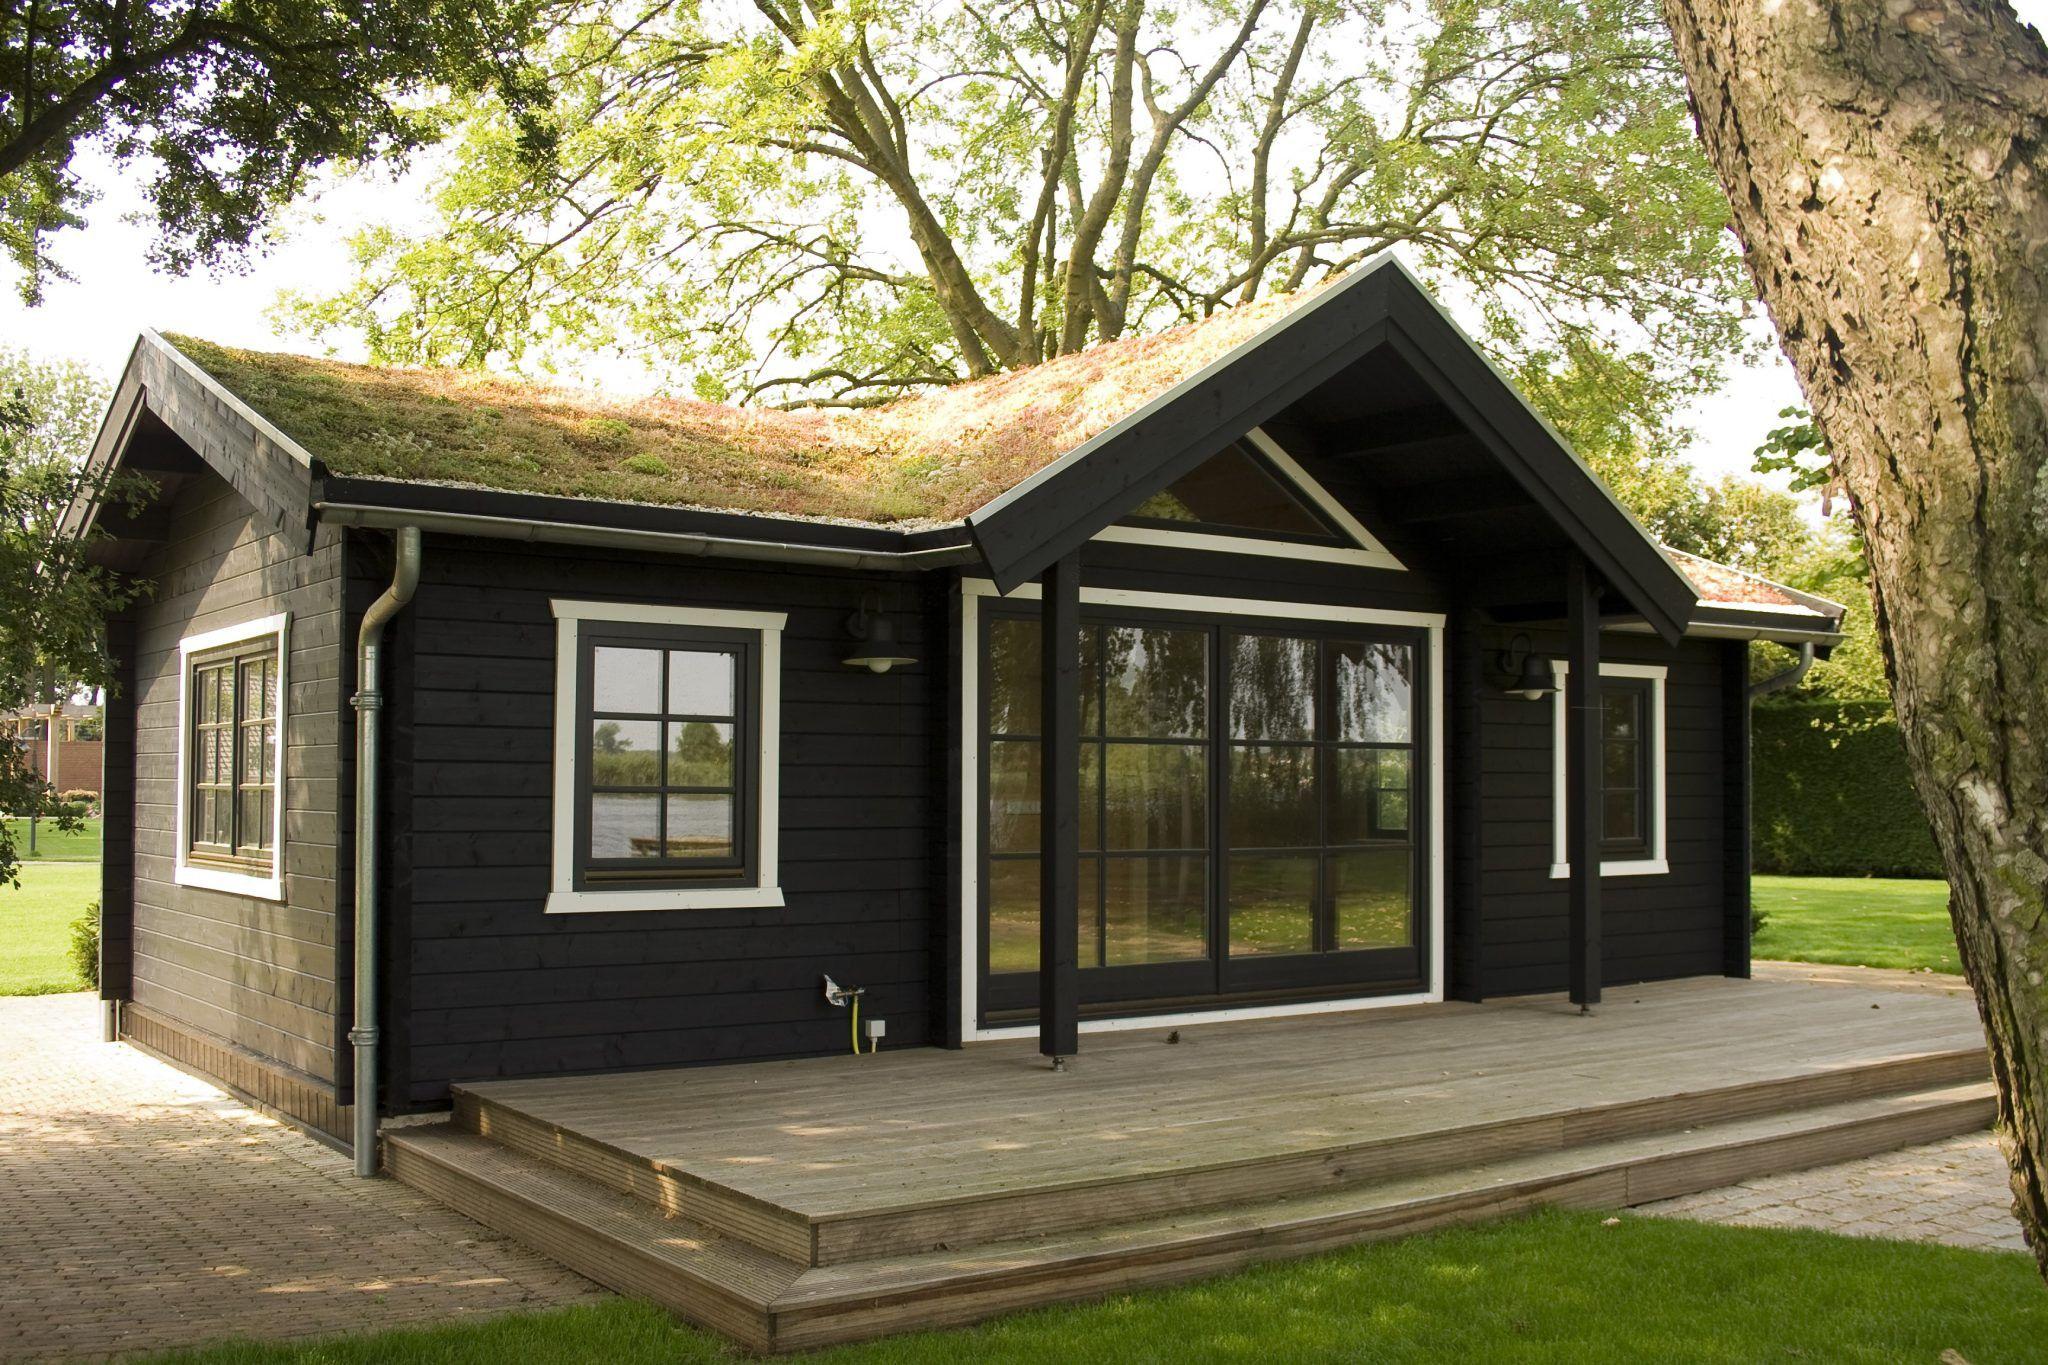 Chalet En Bois Pas Cher Destockage Design De Maison Achat ... serapportantà Chalet De Jardin En Bois Habitable